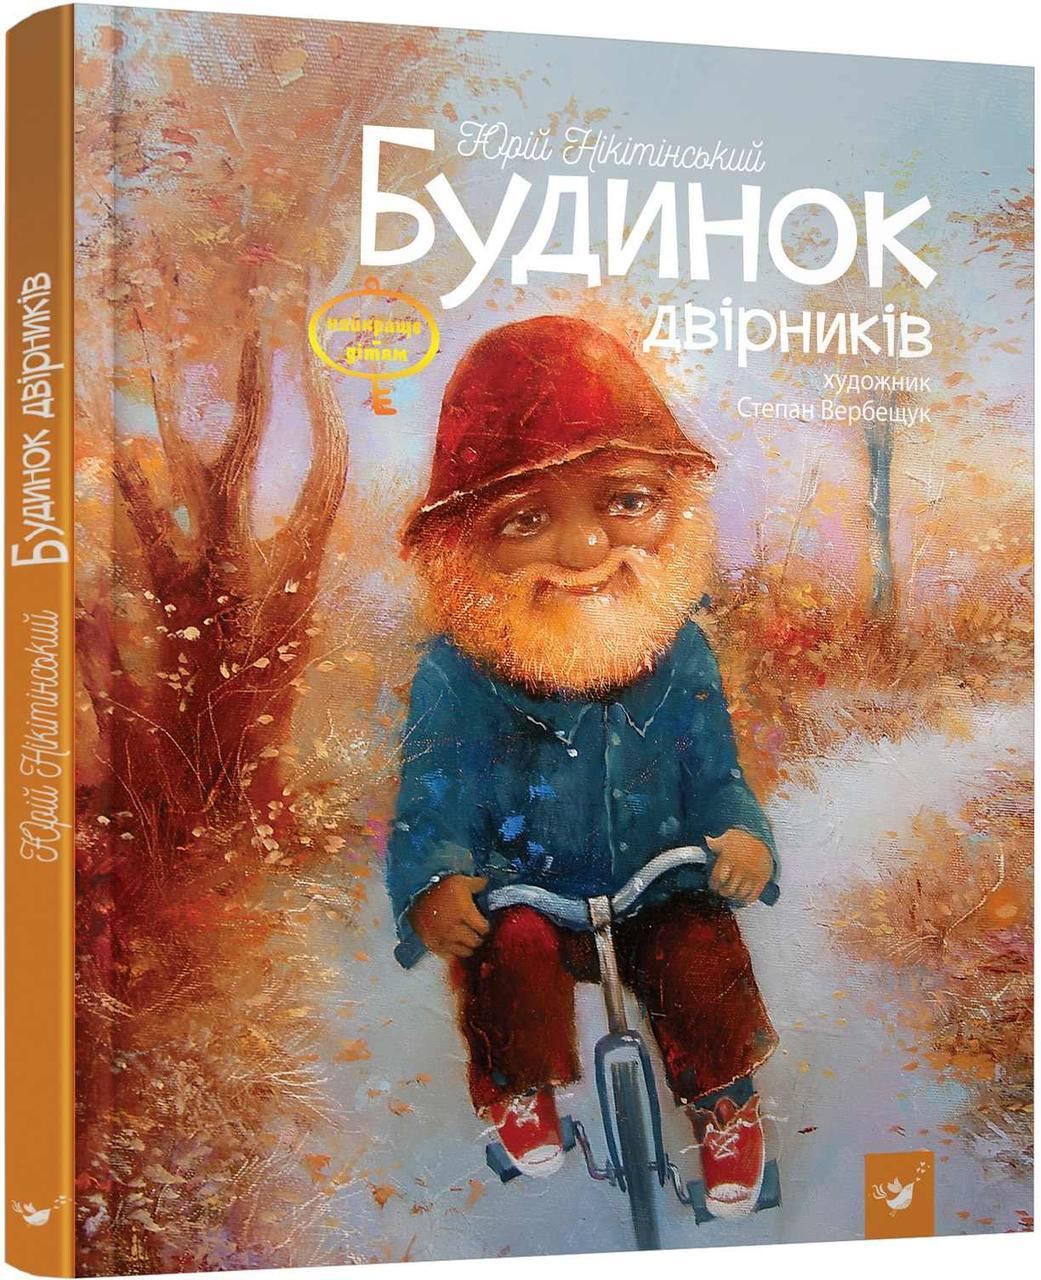 Будинок двірників. Книга Нікітінського Ю.